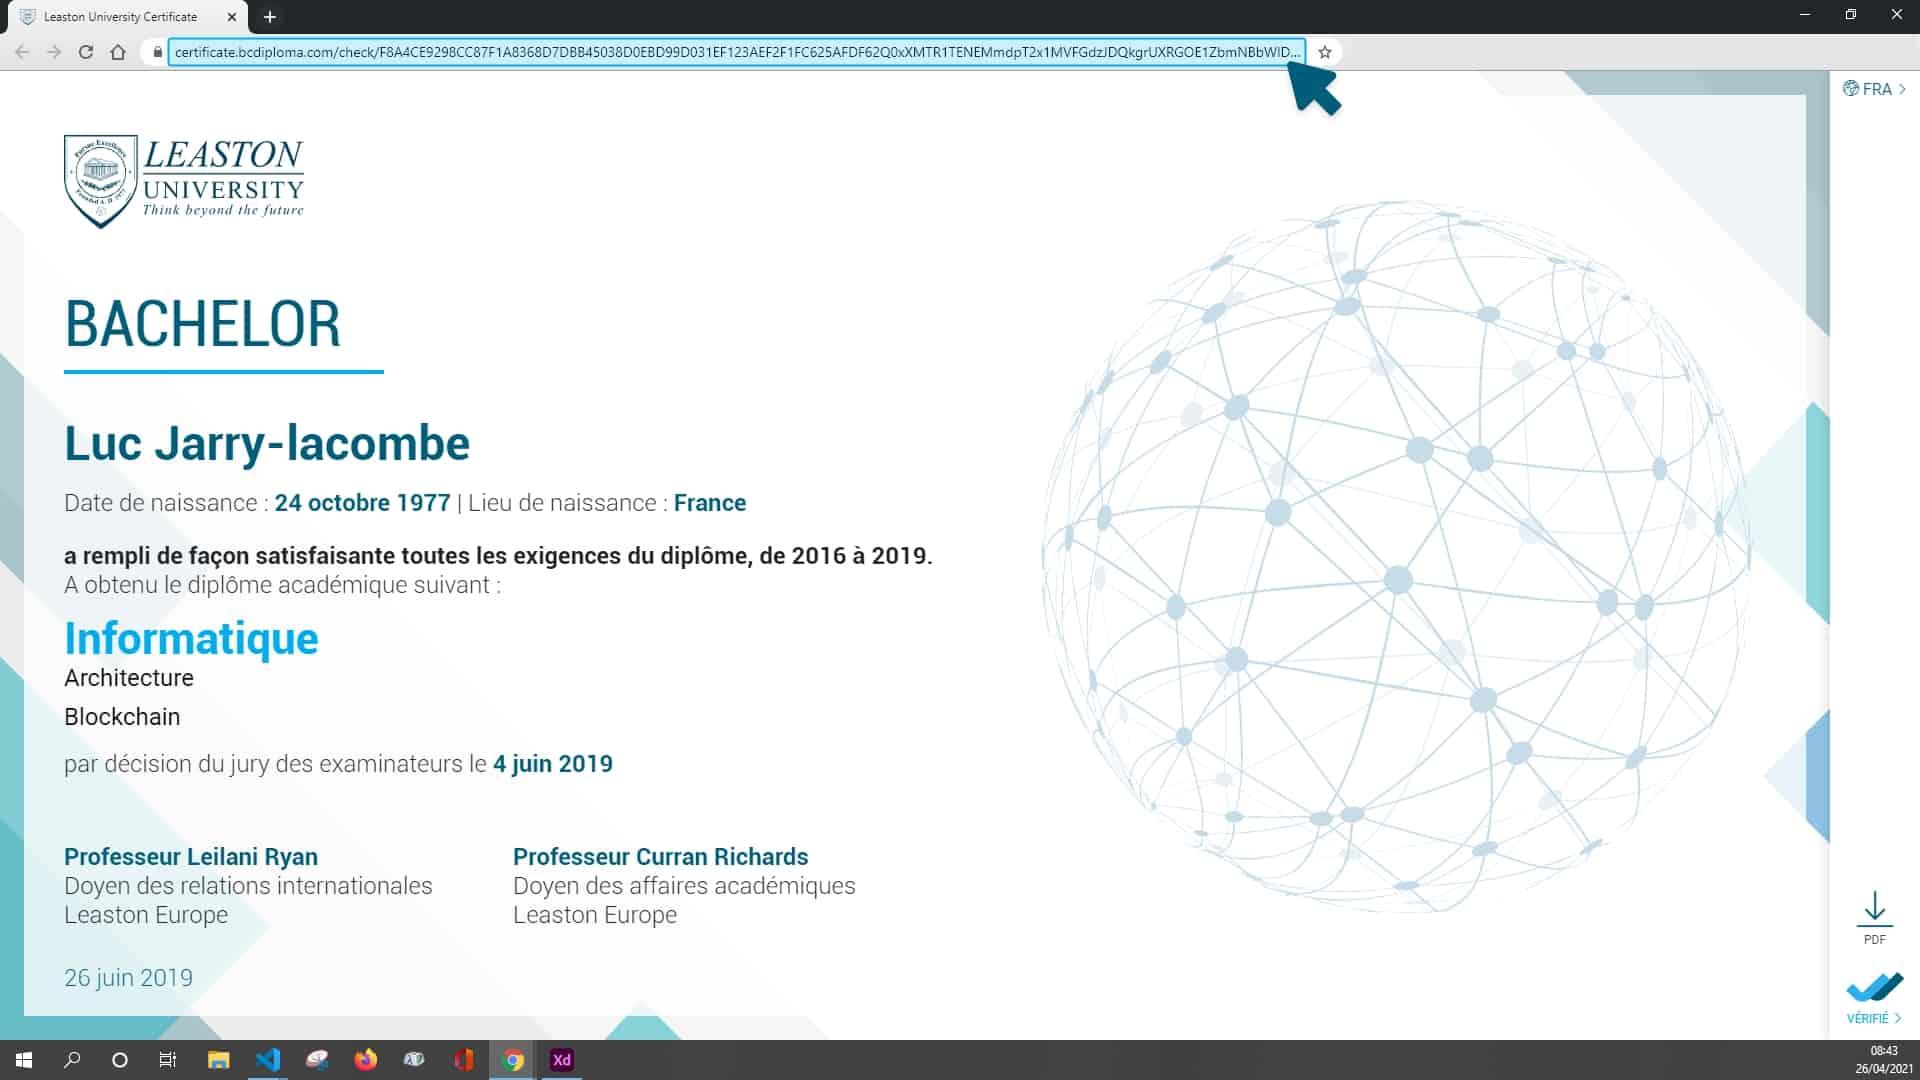 Lien à récupérer du certificat BCdiploma dans la barre d'URL